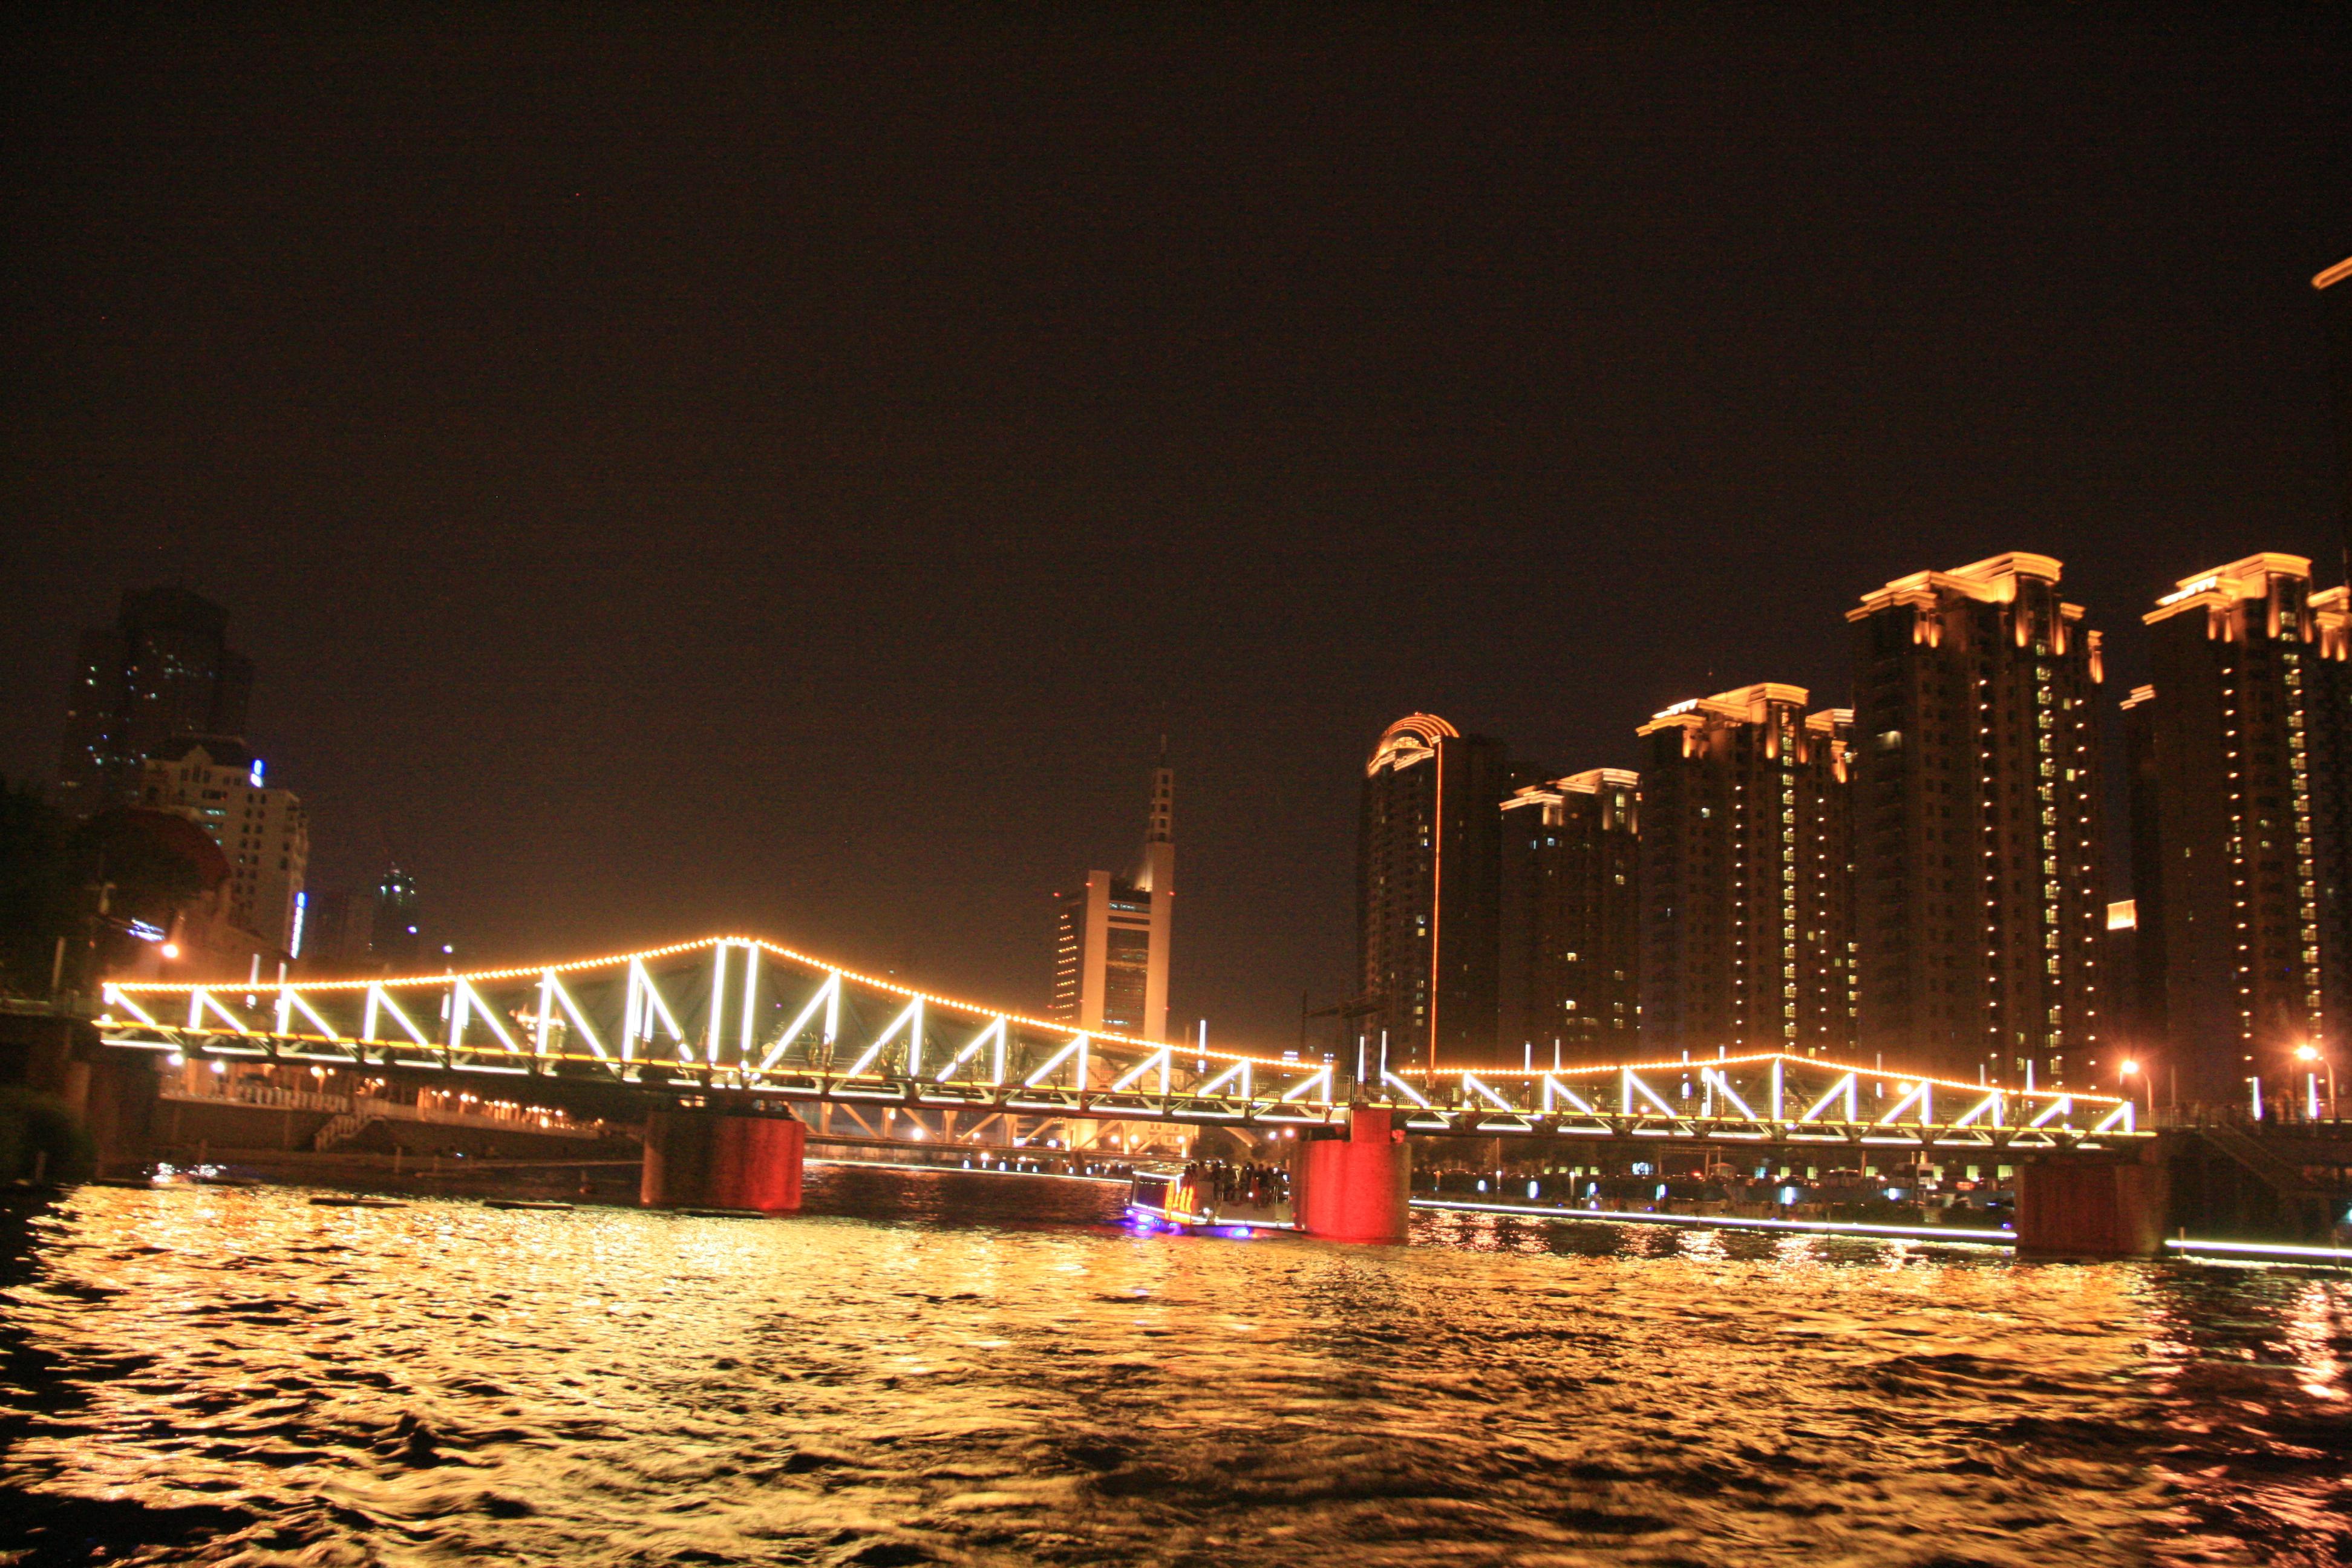 乘著基辅号航母,张开天津之眼,畅游秦皇岛 (8日游) 一